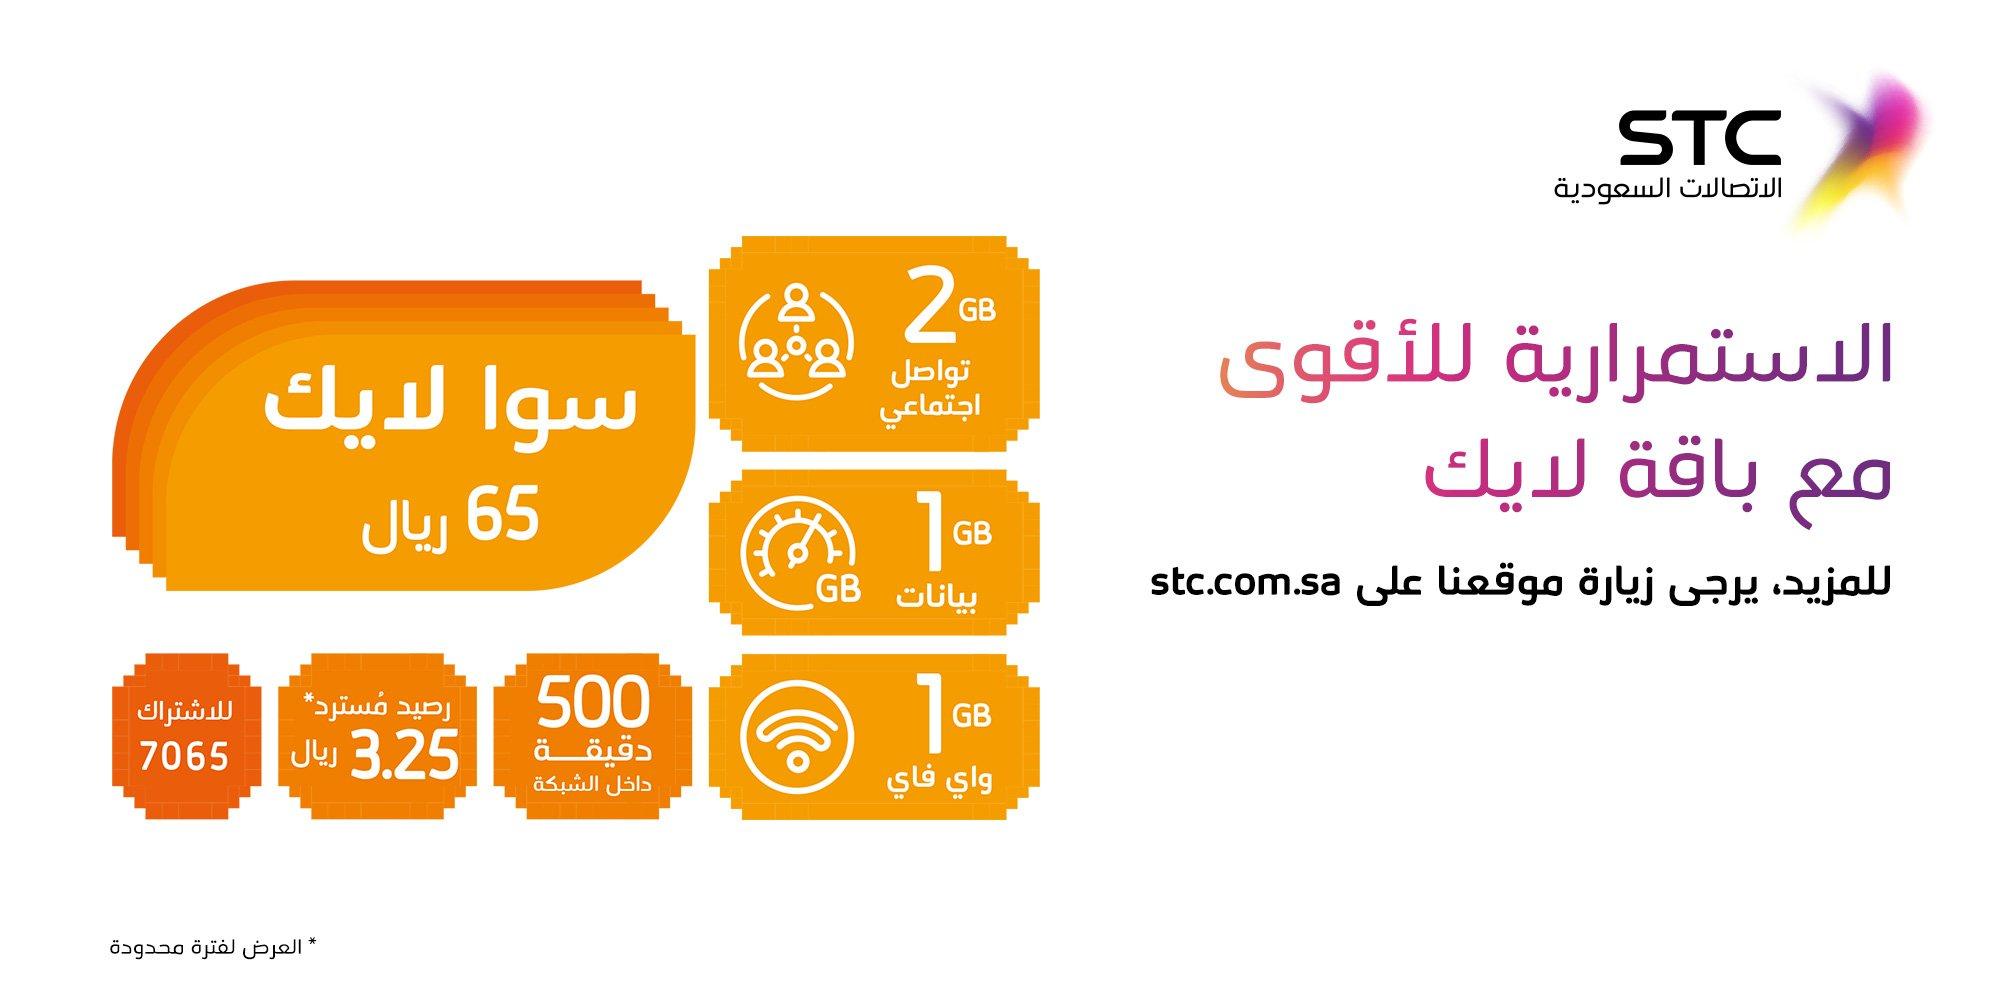 Stc السعودية Ar Twitter انفوجرافيك يشرح باقة سوا لايك للمزيد أرسل سوا إلى 900 سوا أقوى